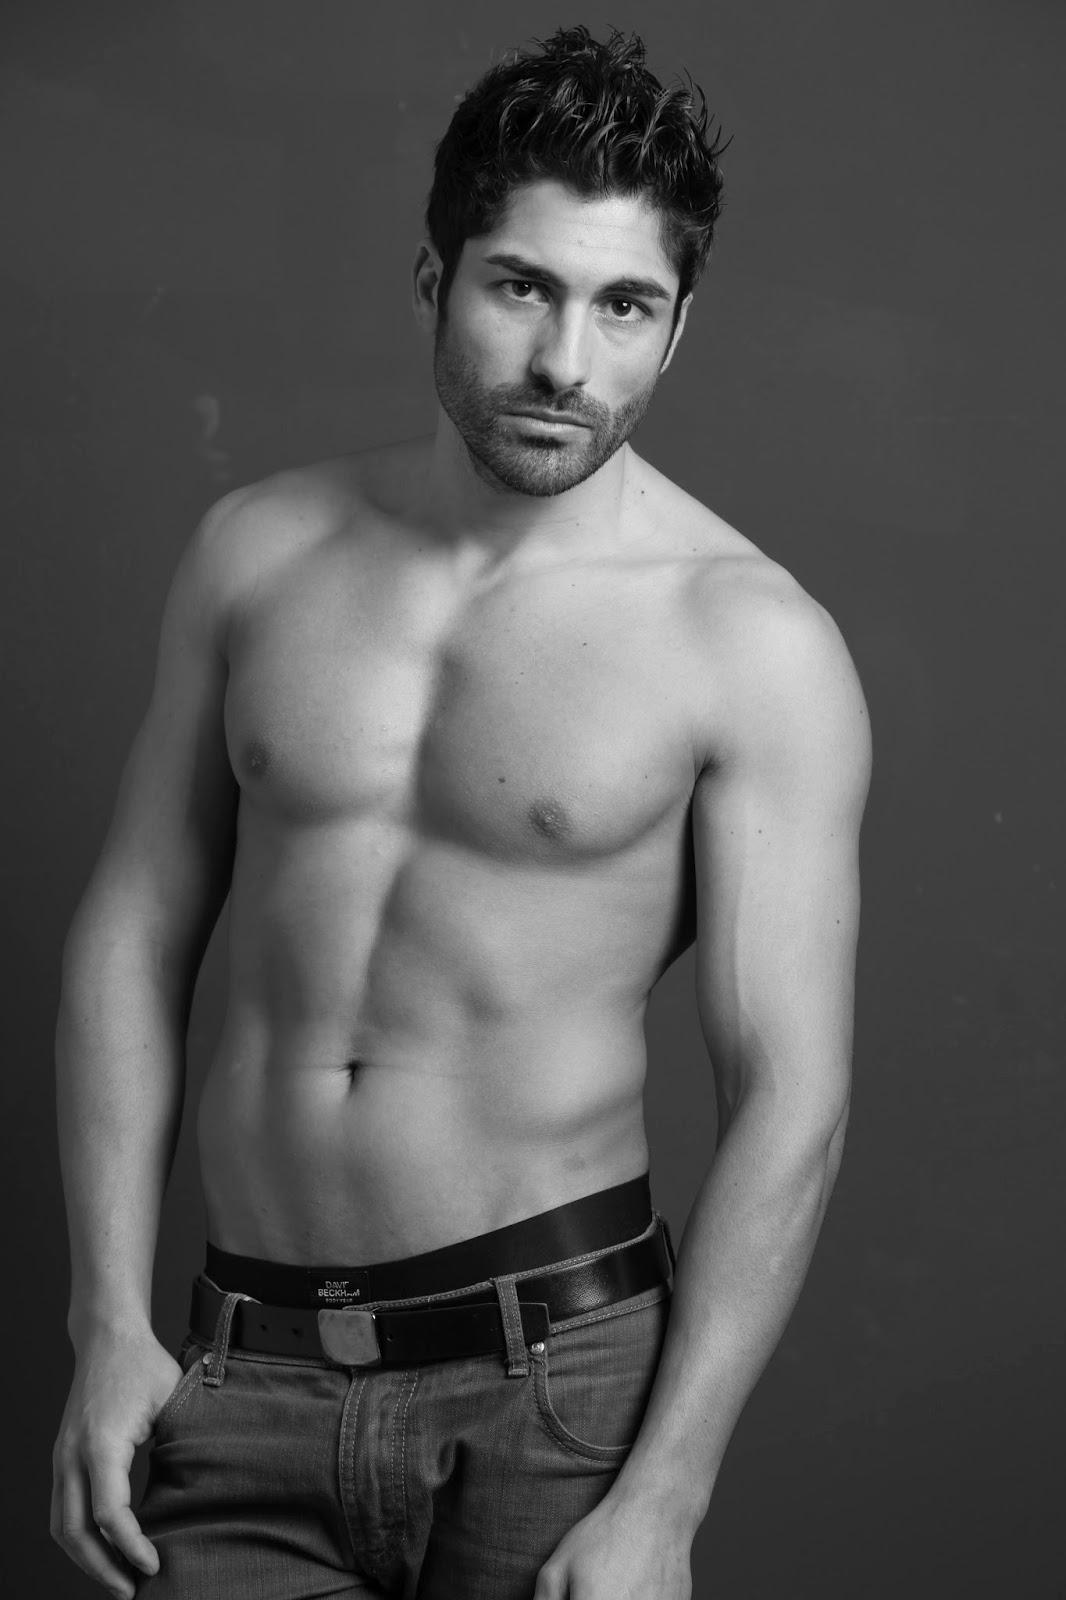 Armando Soneira